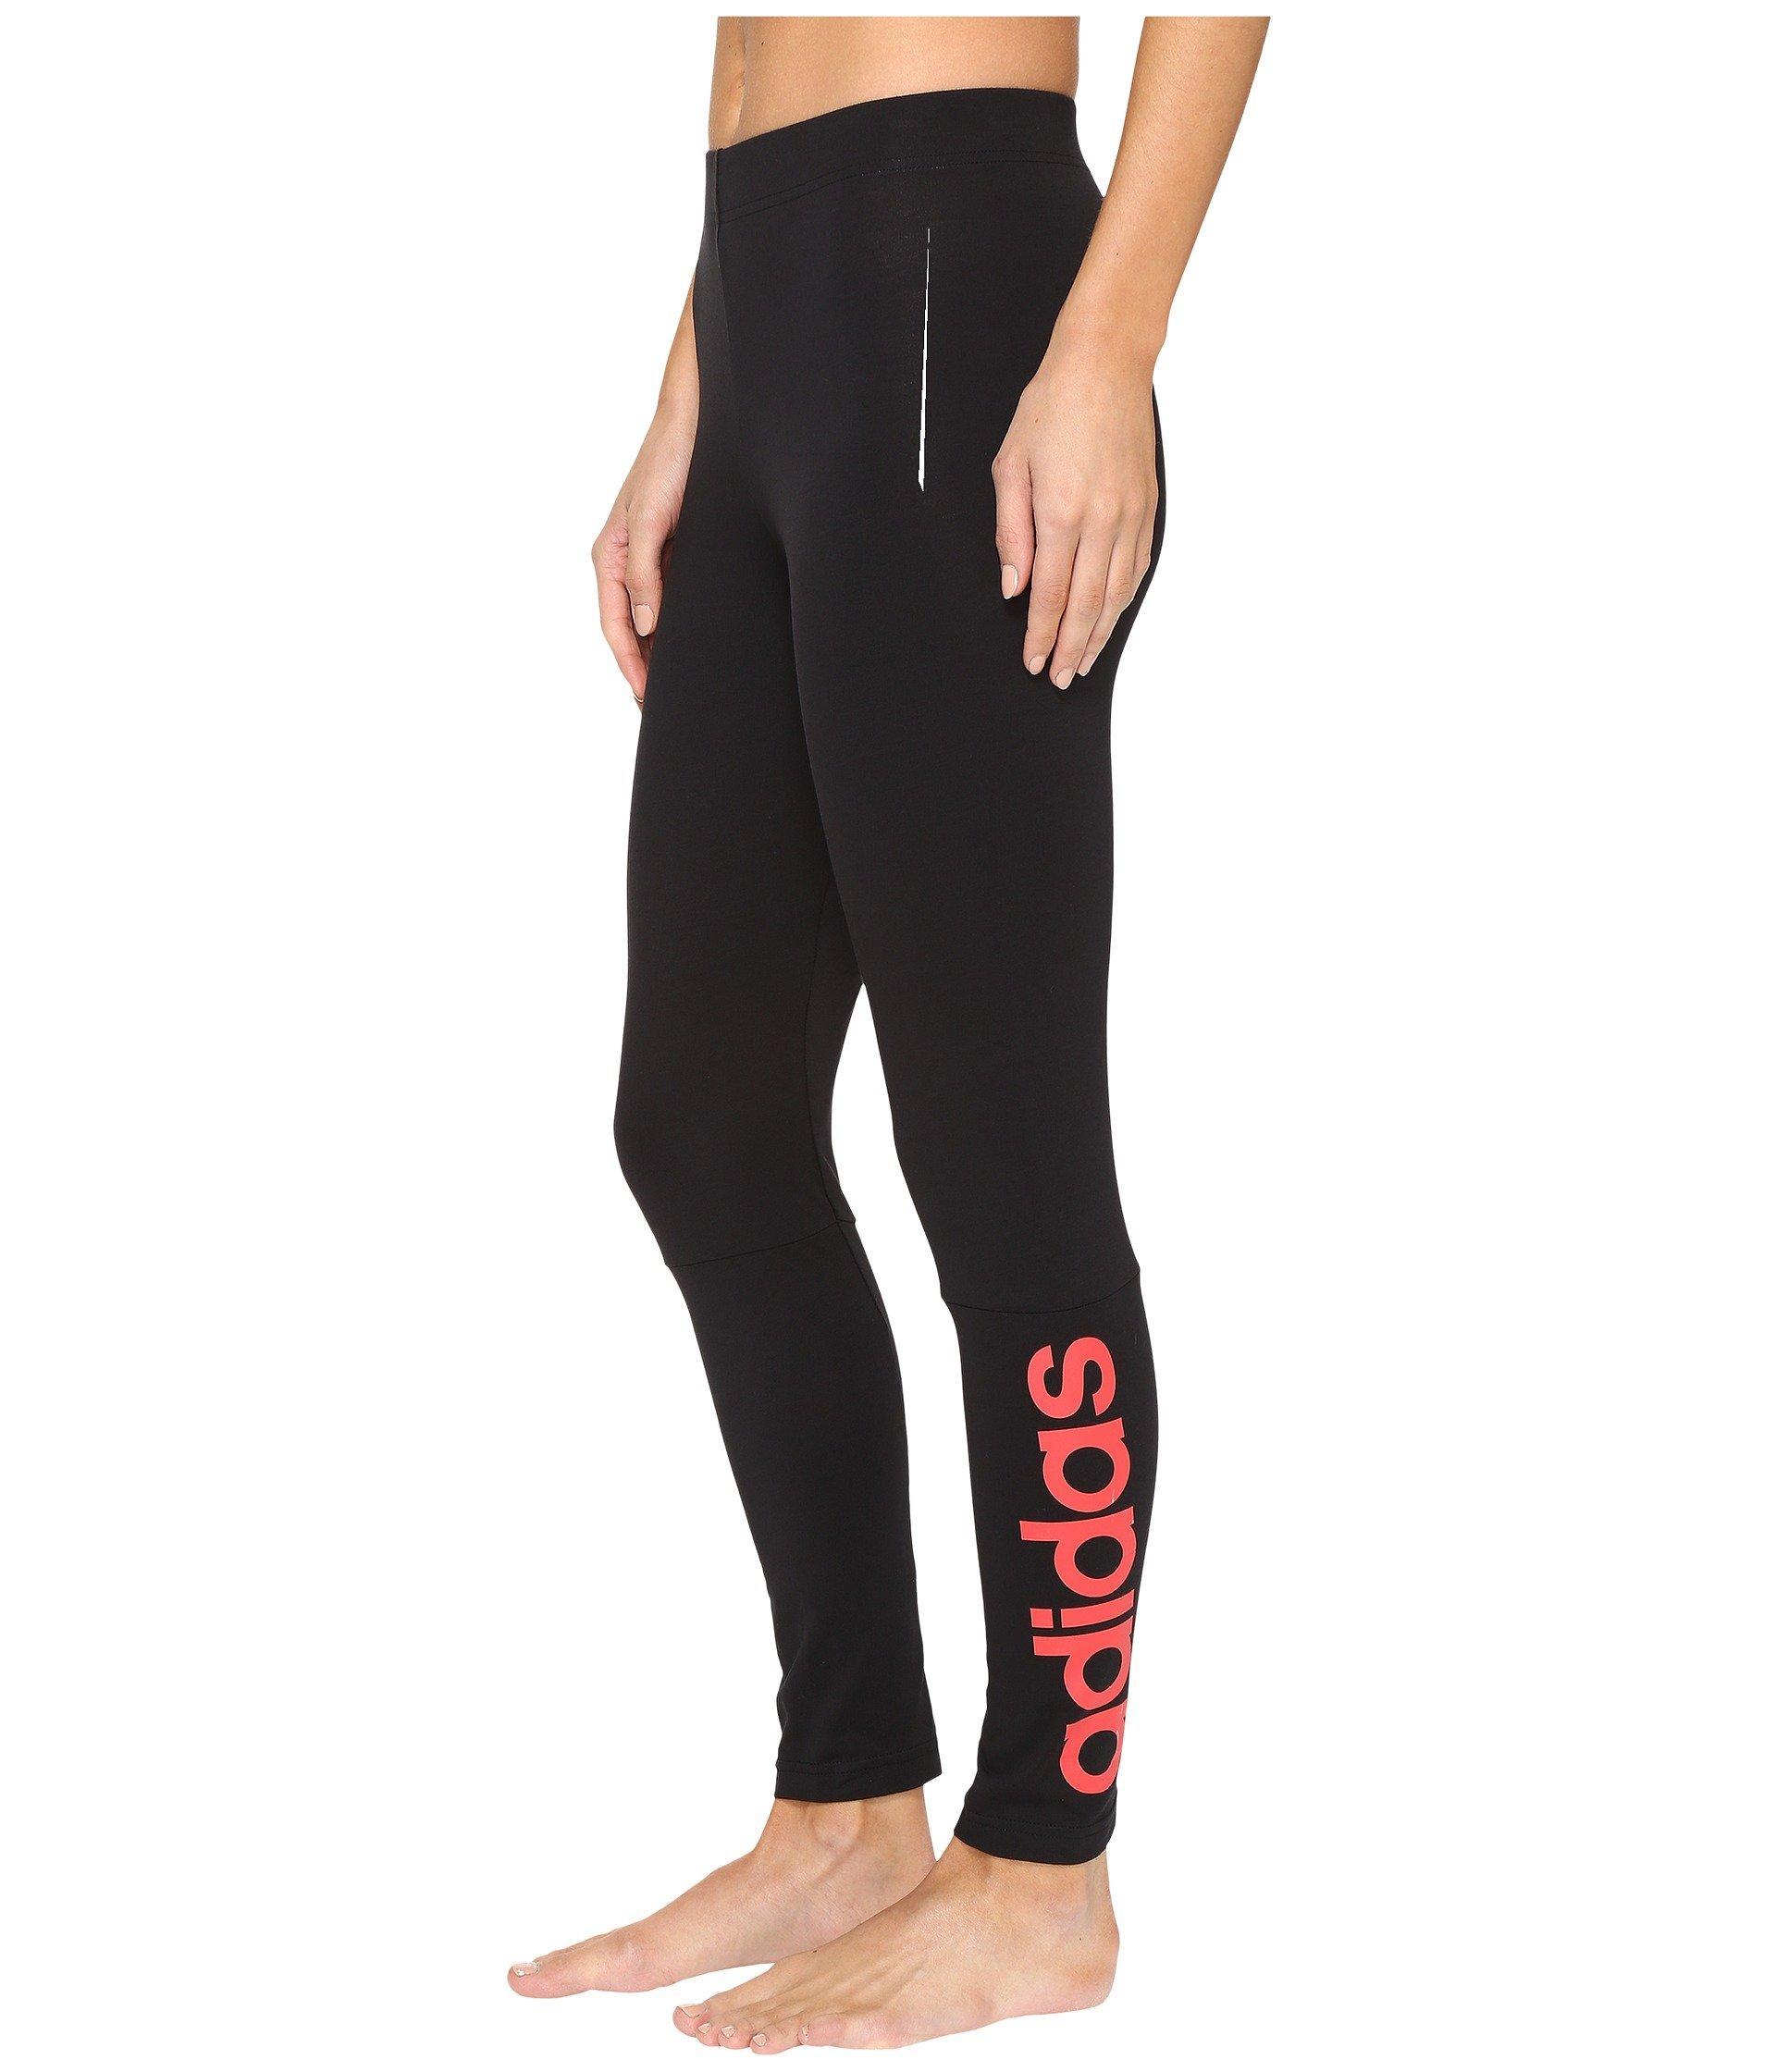 e5b4fc3e317 Adidas Originals Essentials Linear Tights In Black Core Pink